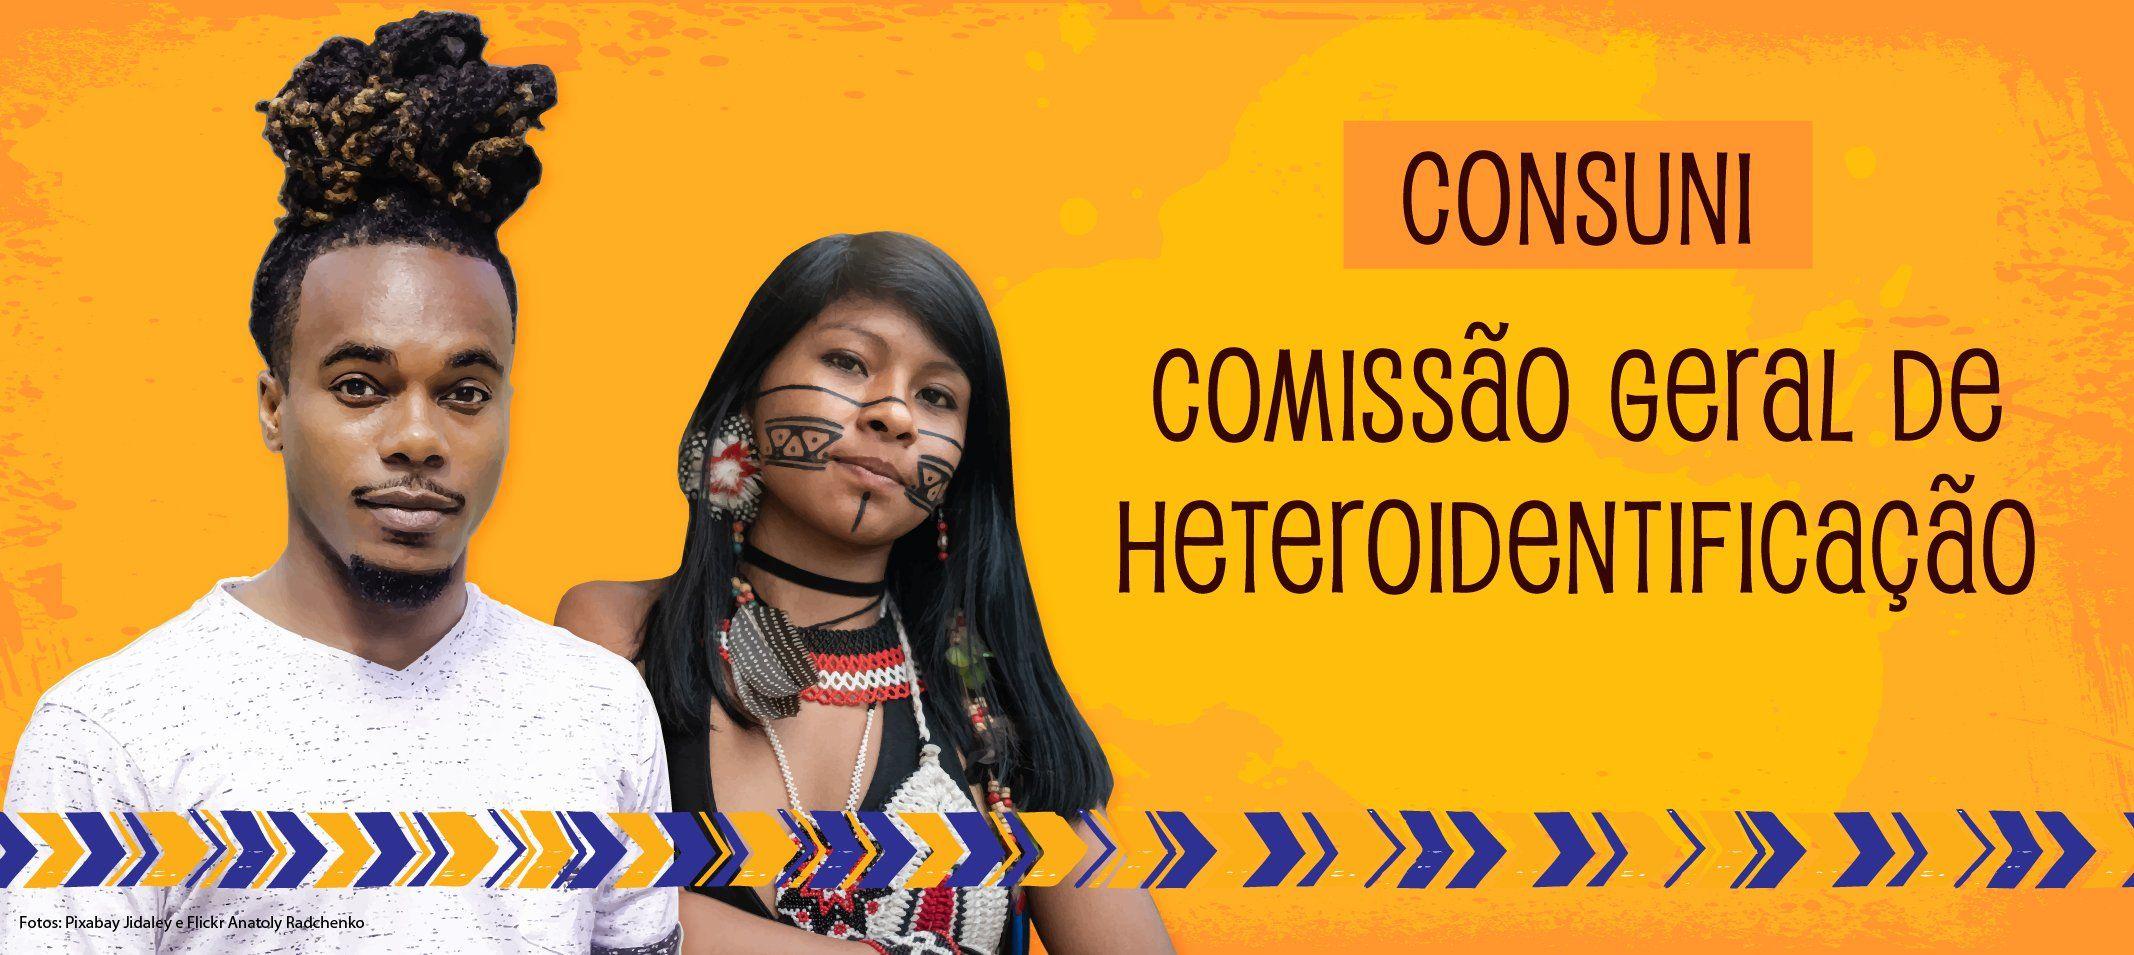 Consuni aprova Comissão de Heteroidentificação da Ufam